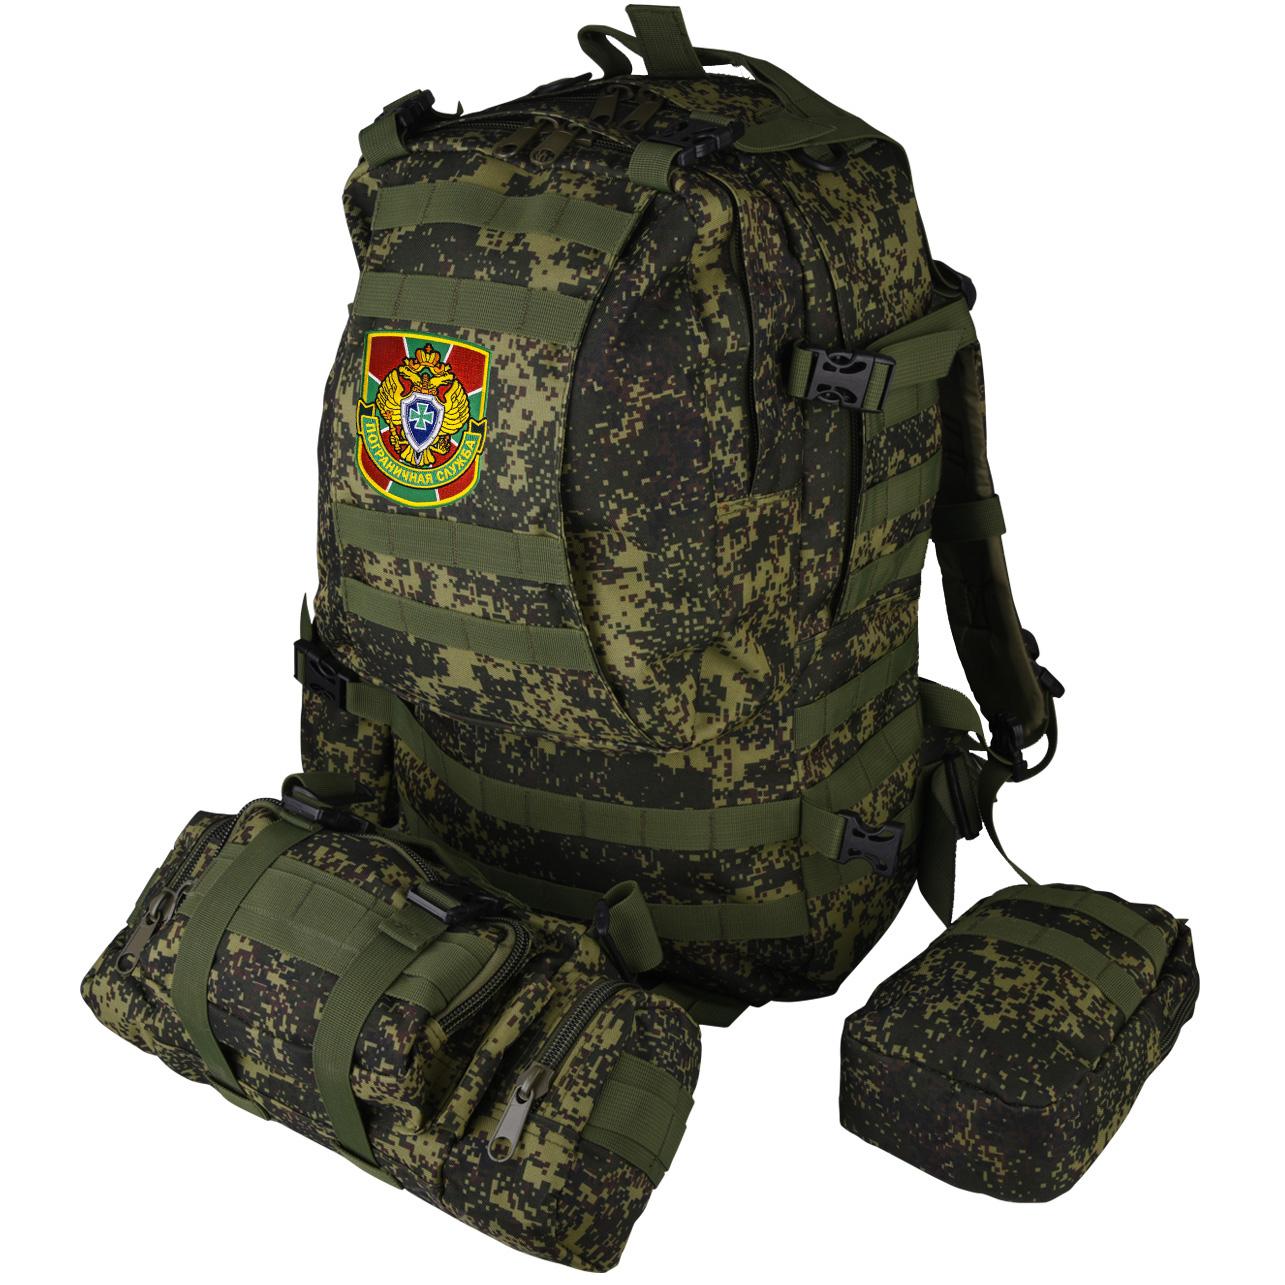 Армейский рейдовый рюкзак с нашивкой Пограничной службы - заказать оптом